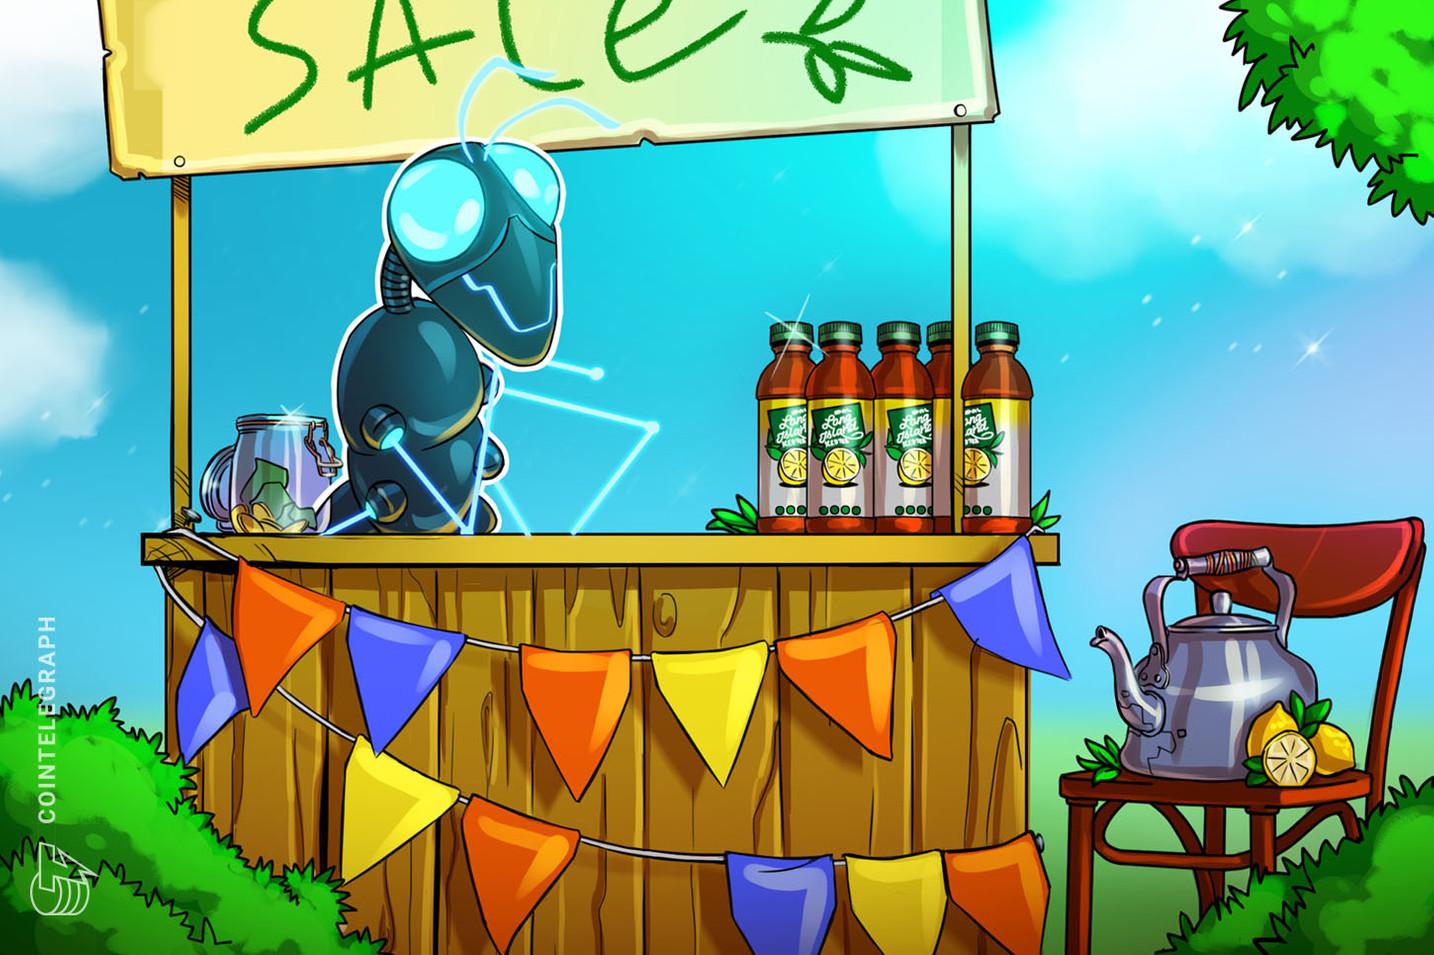 Long Blockchain Corp. vende la propria filiale dedicata al commercio di bevande